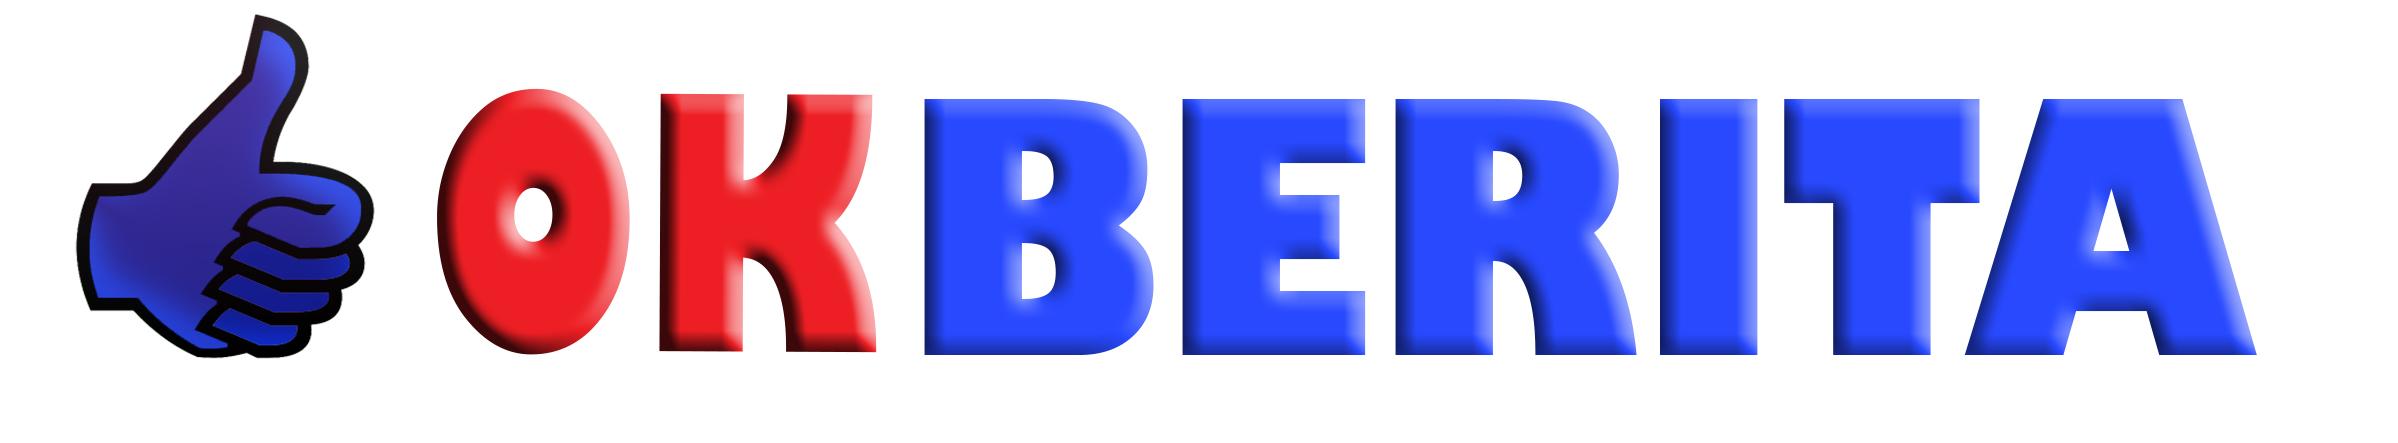 OKBerita